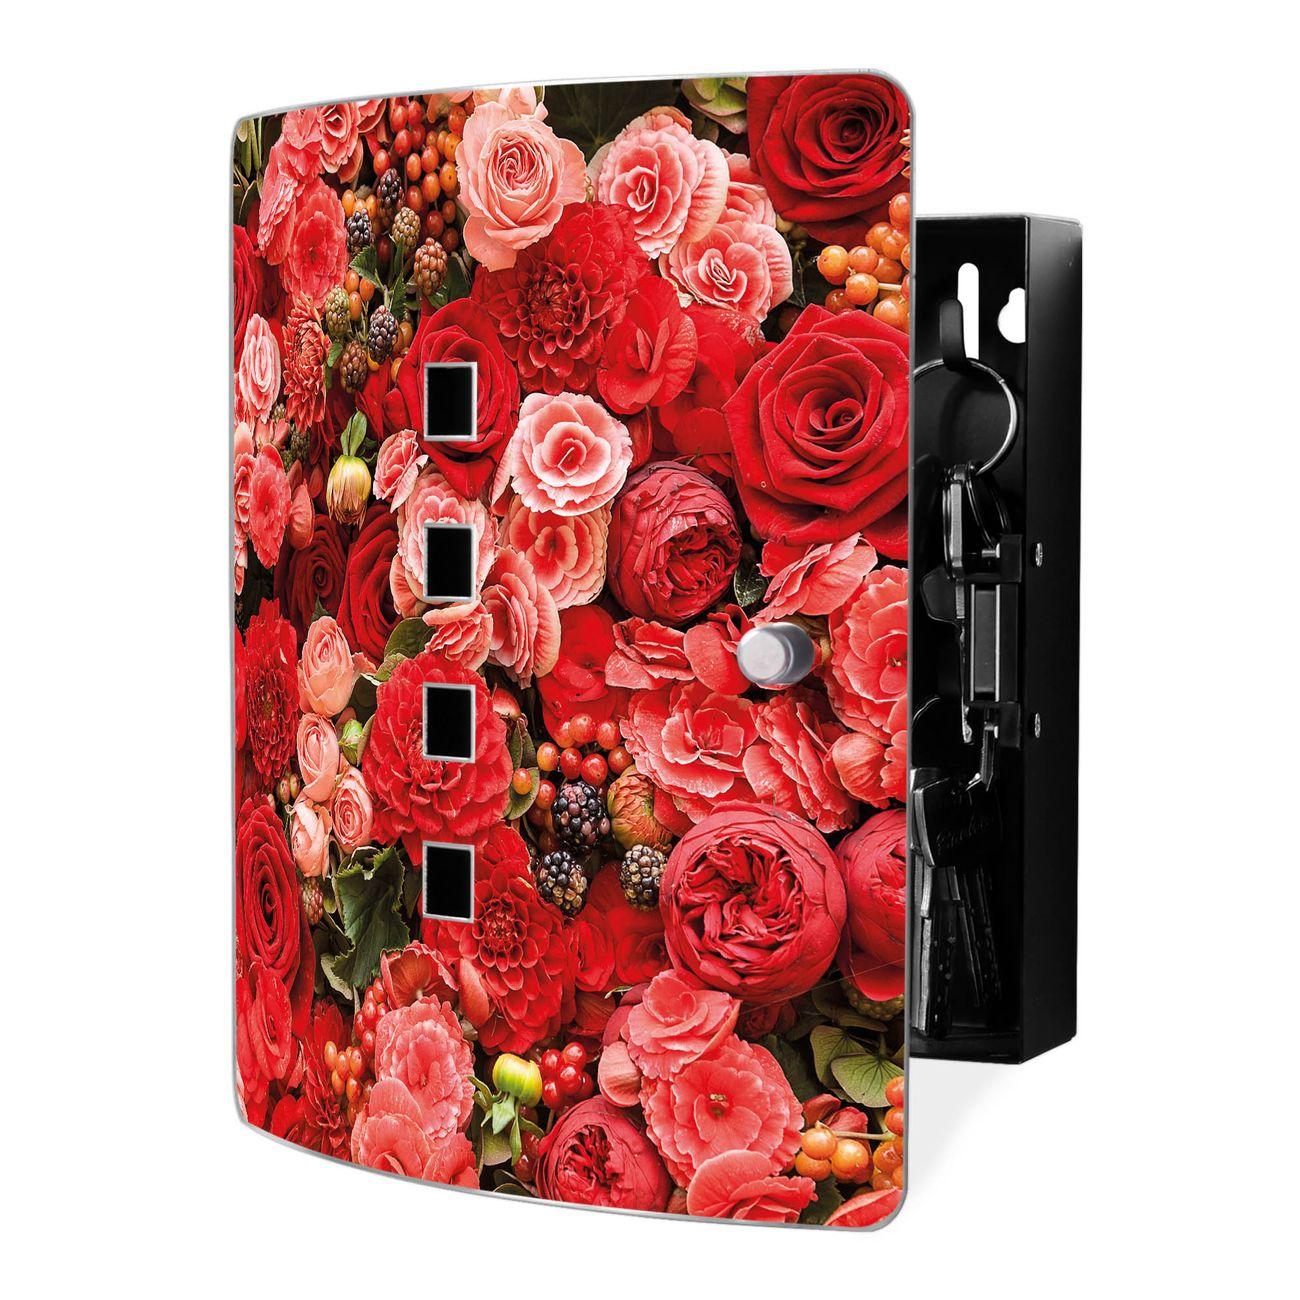 Schlüsselkasten Motiv Bouquet in Rot